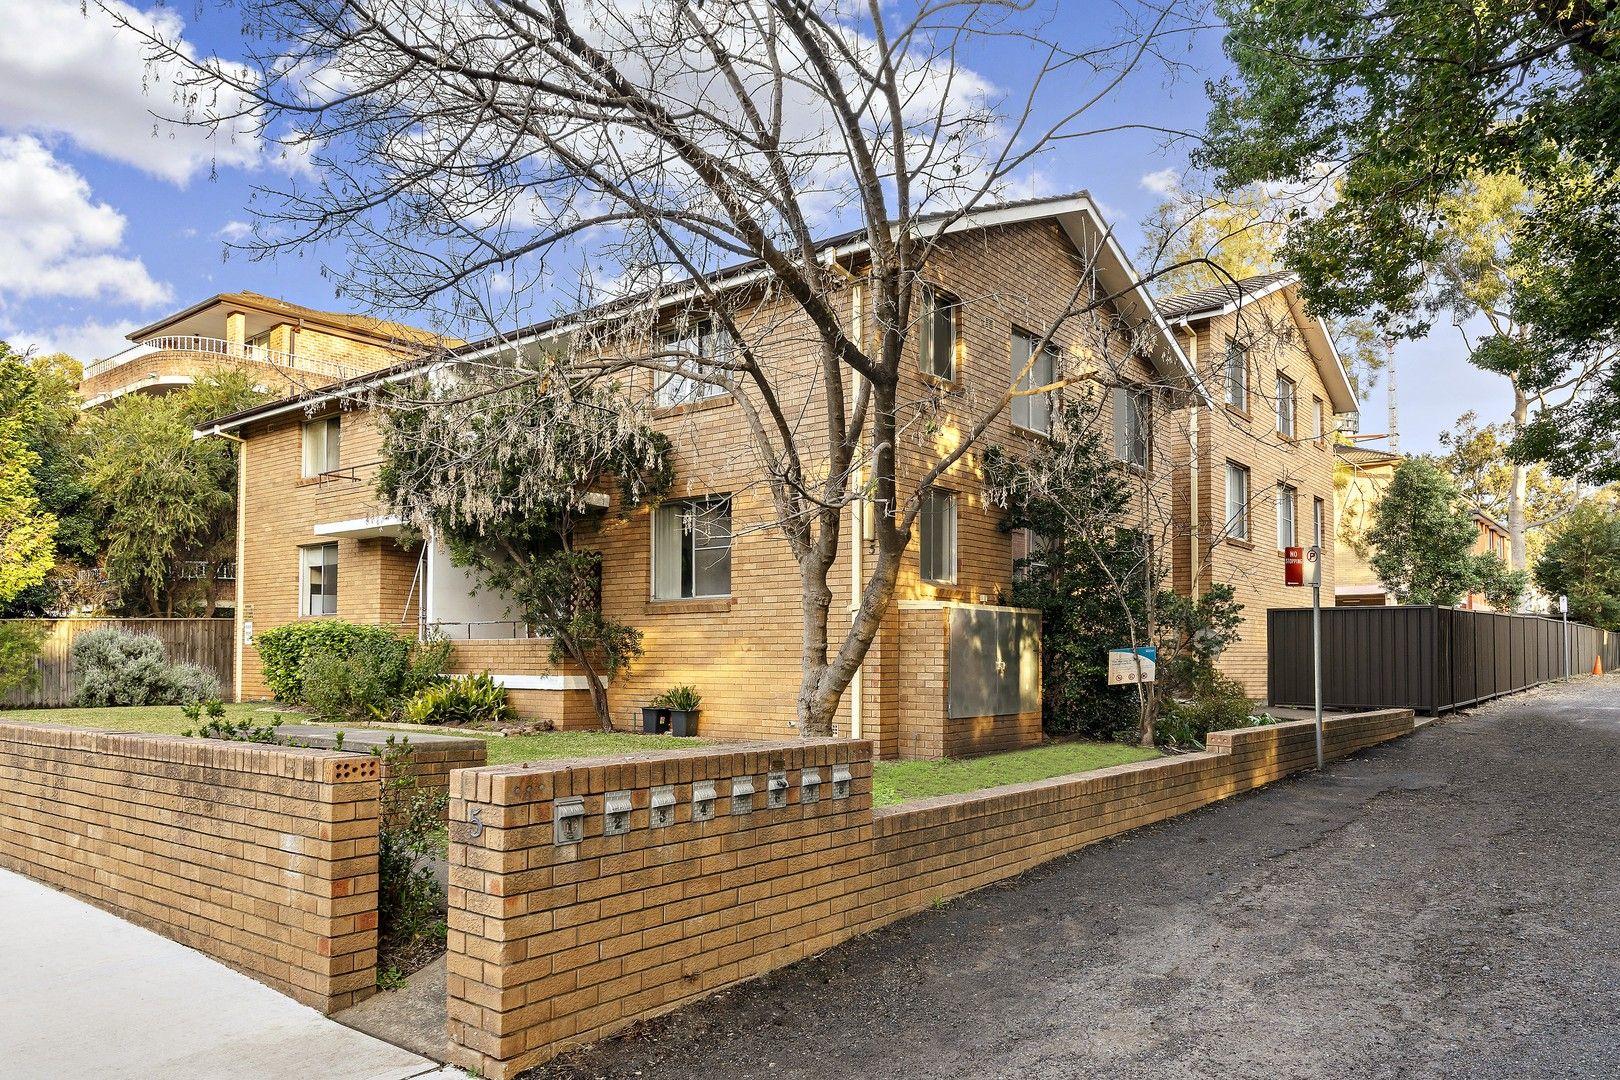 8/5 Thomas Street, Parramatta NSW 2150, Image 0